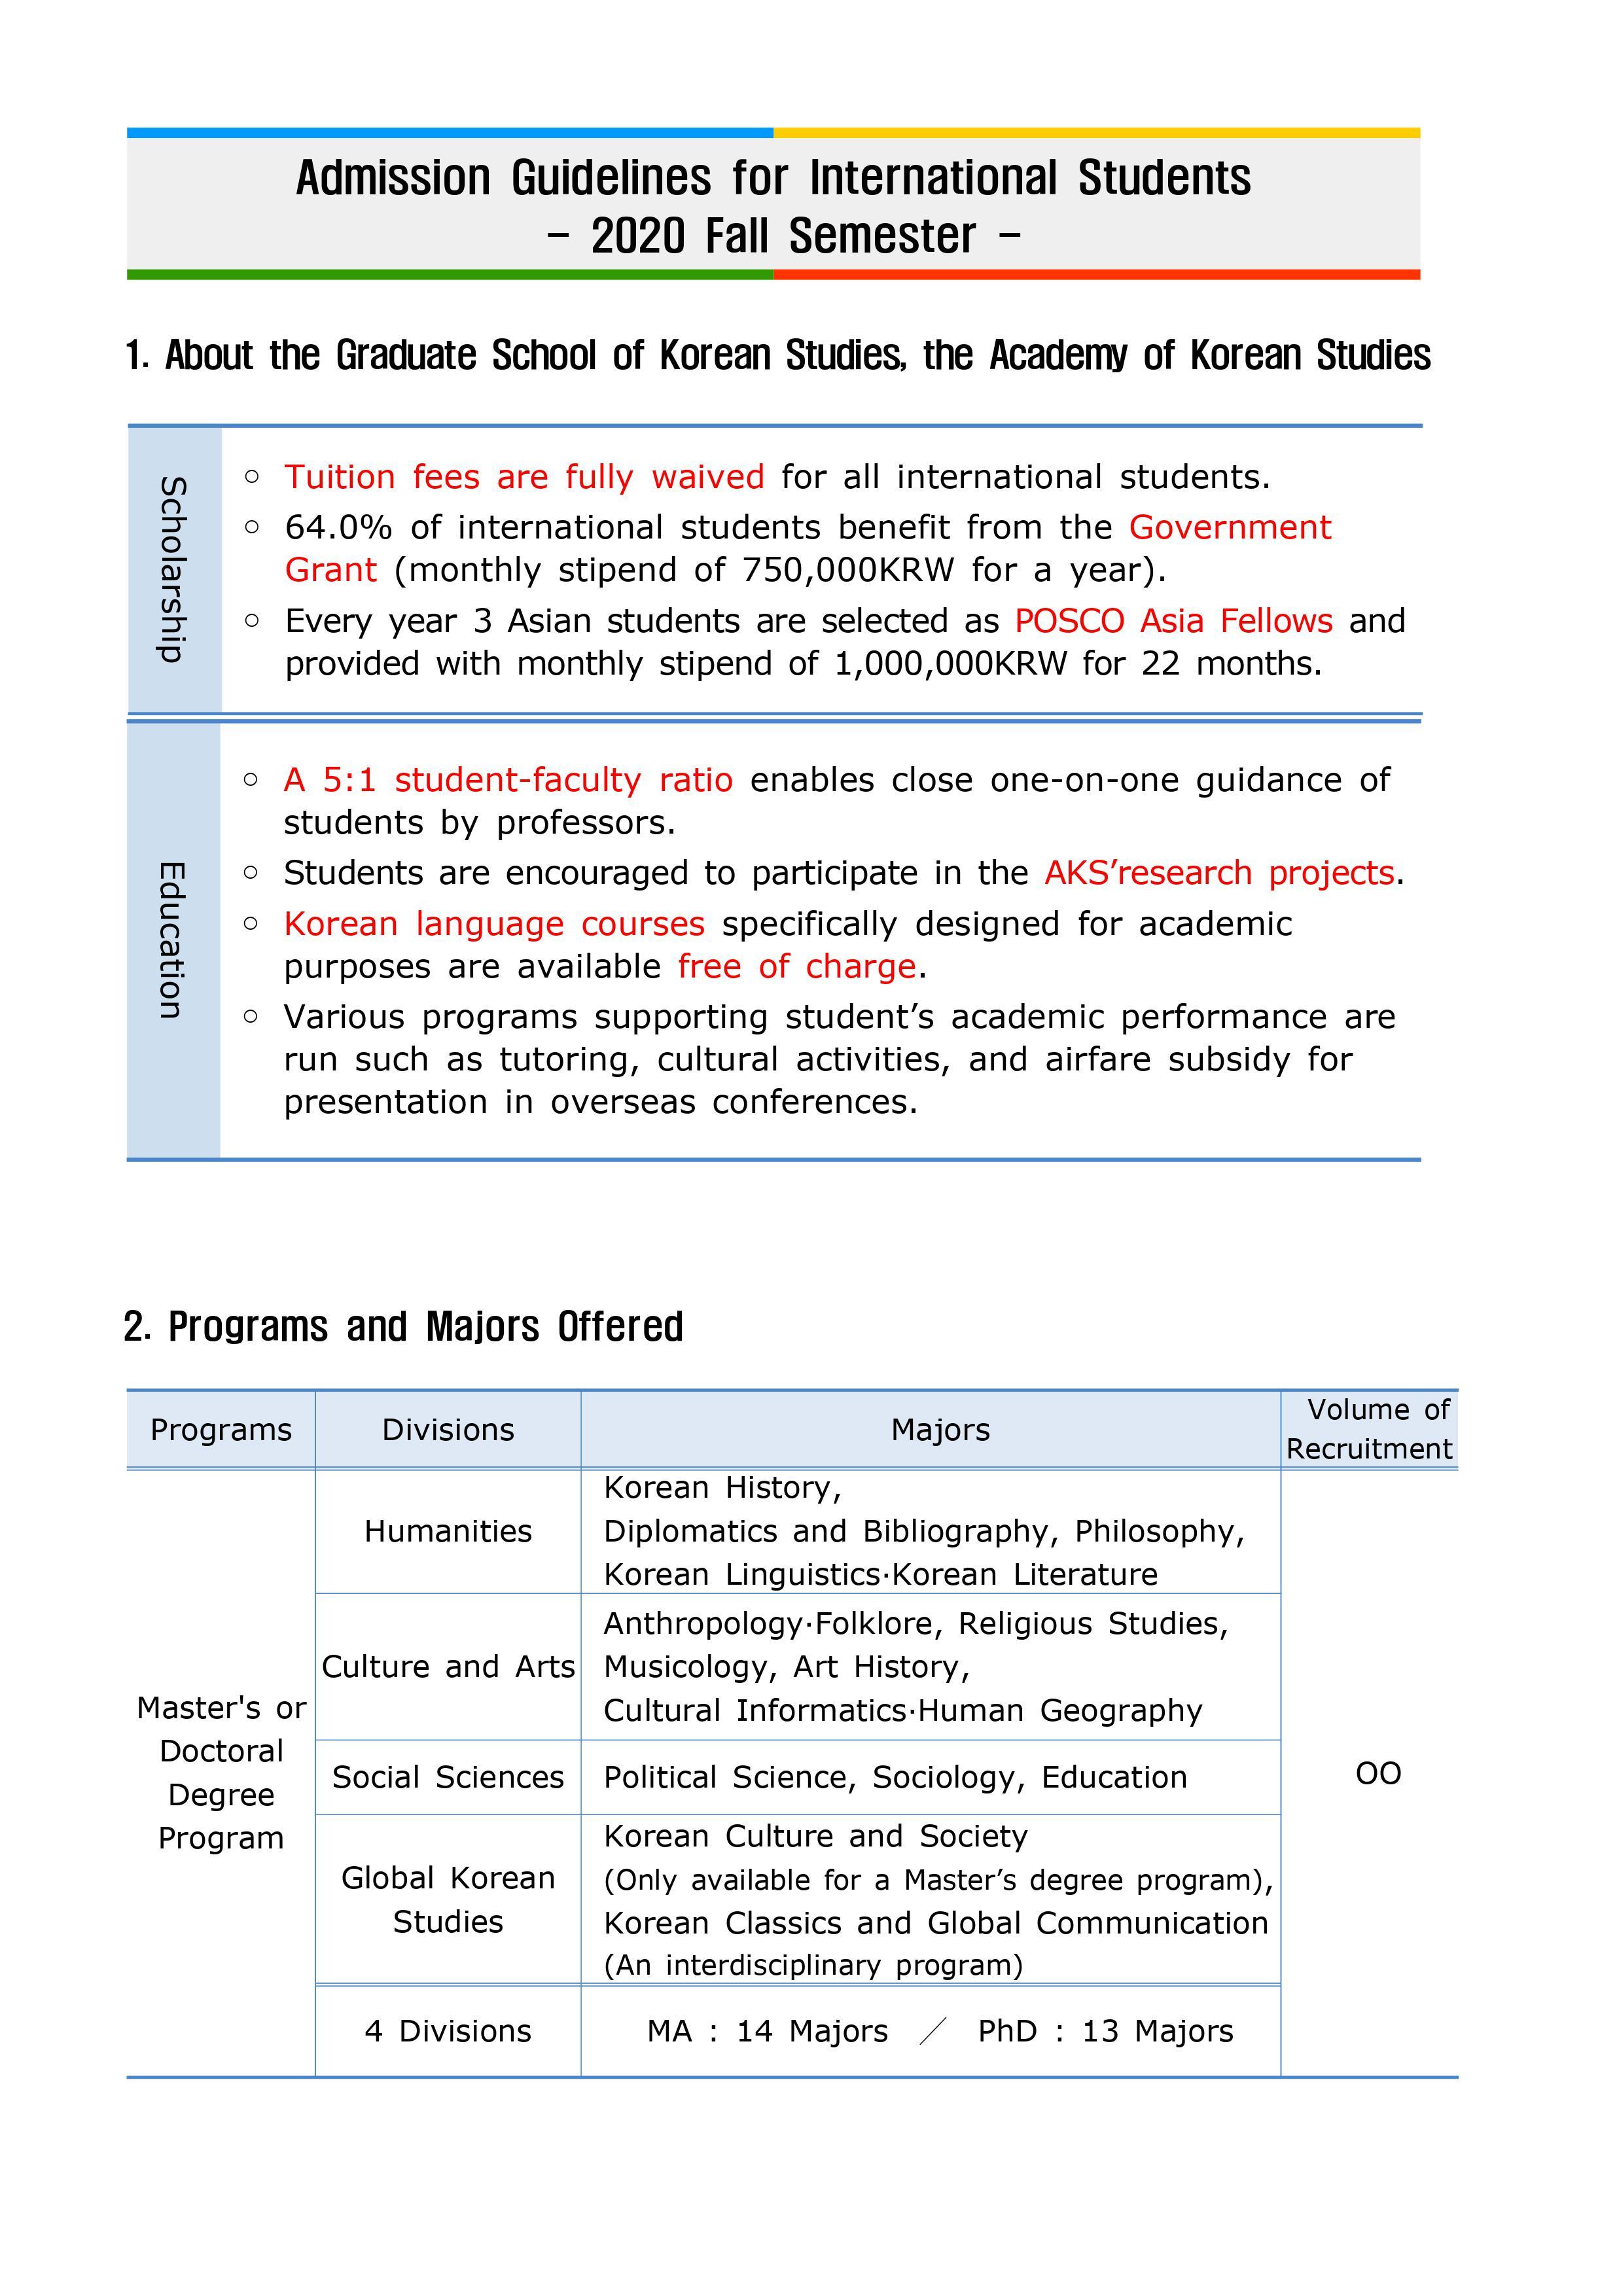 한국학중앙연구원 한국학대학원- the Graduate School of Korean Studies, the Academy of Korean Studies (4).jpg